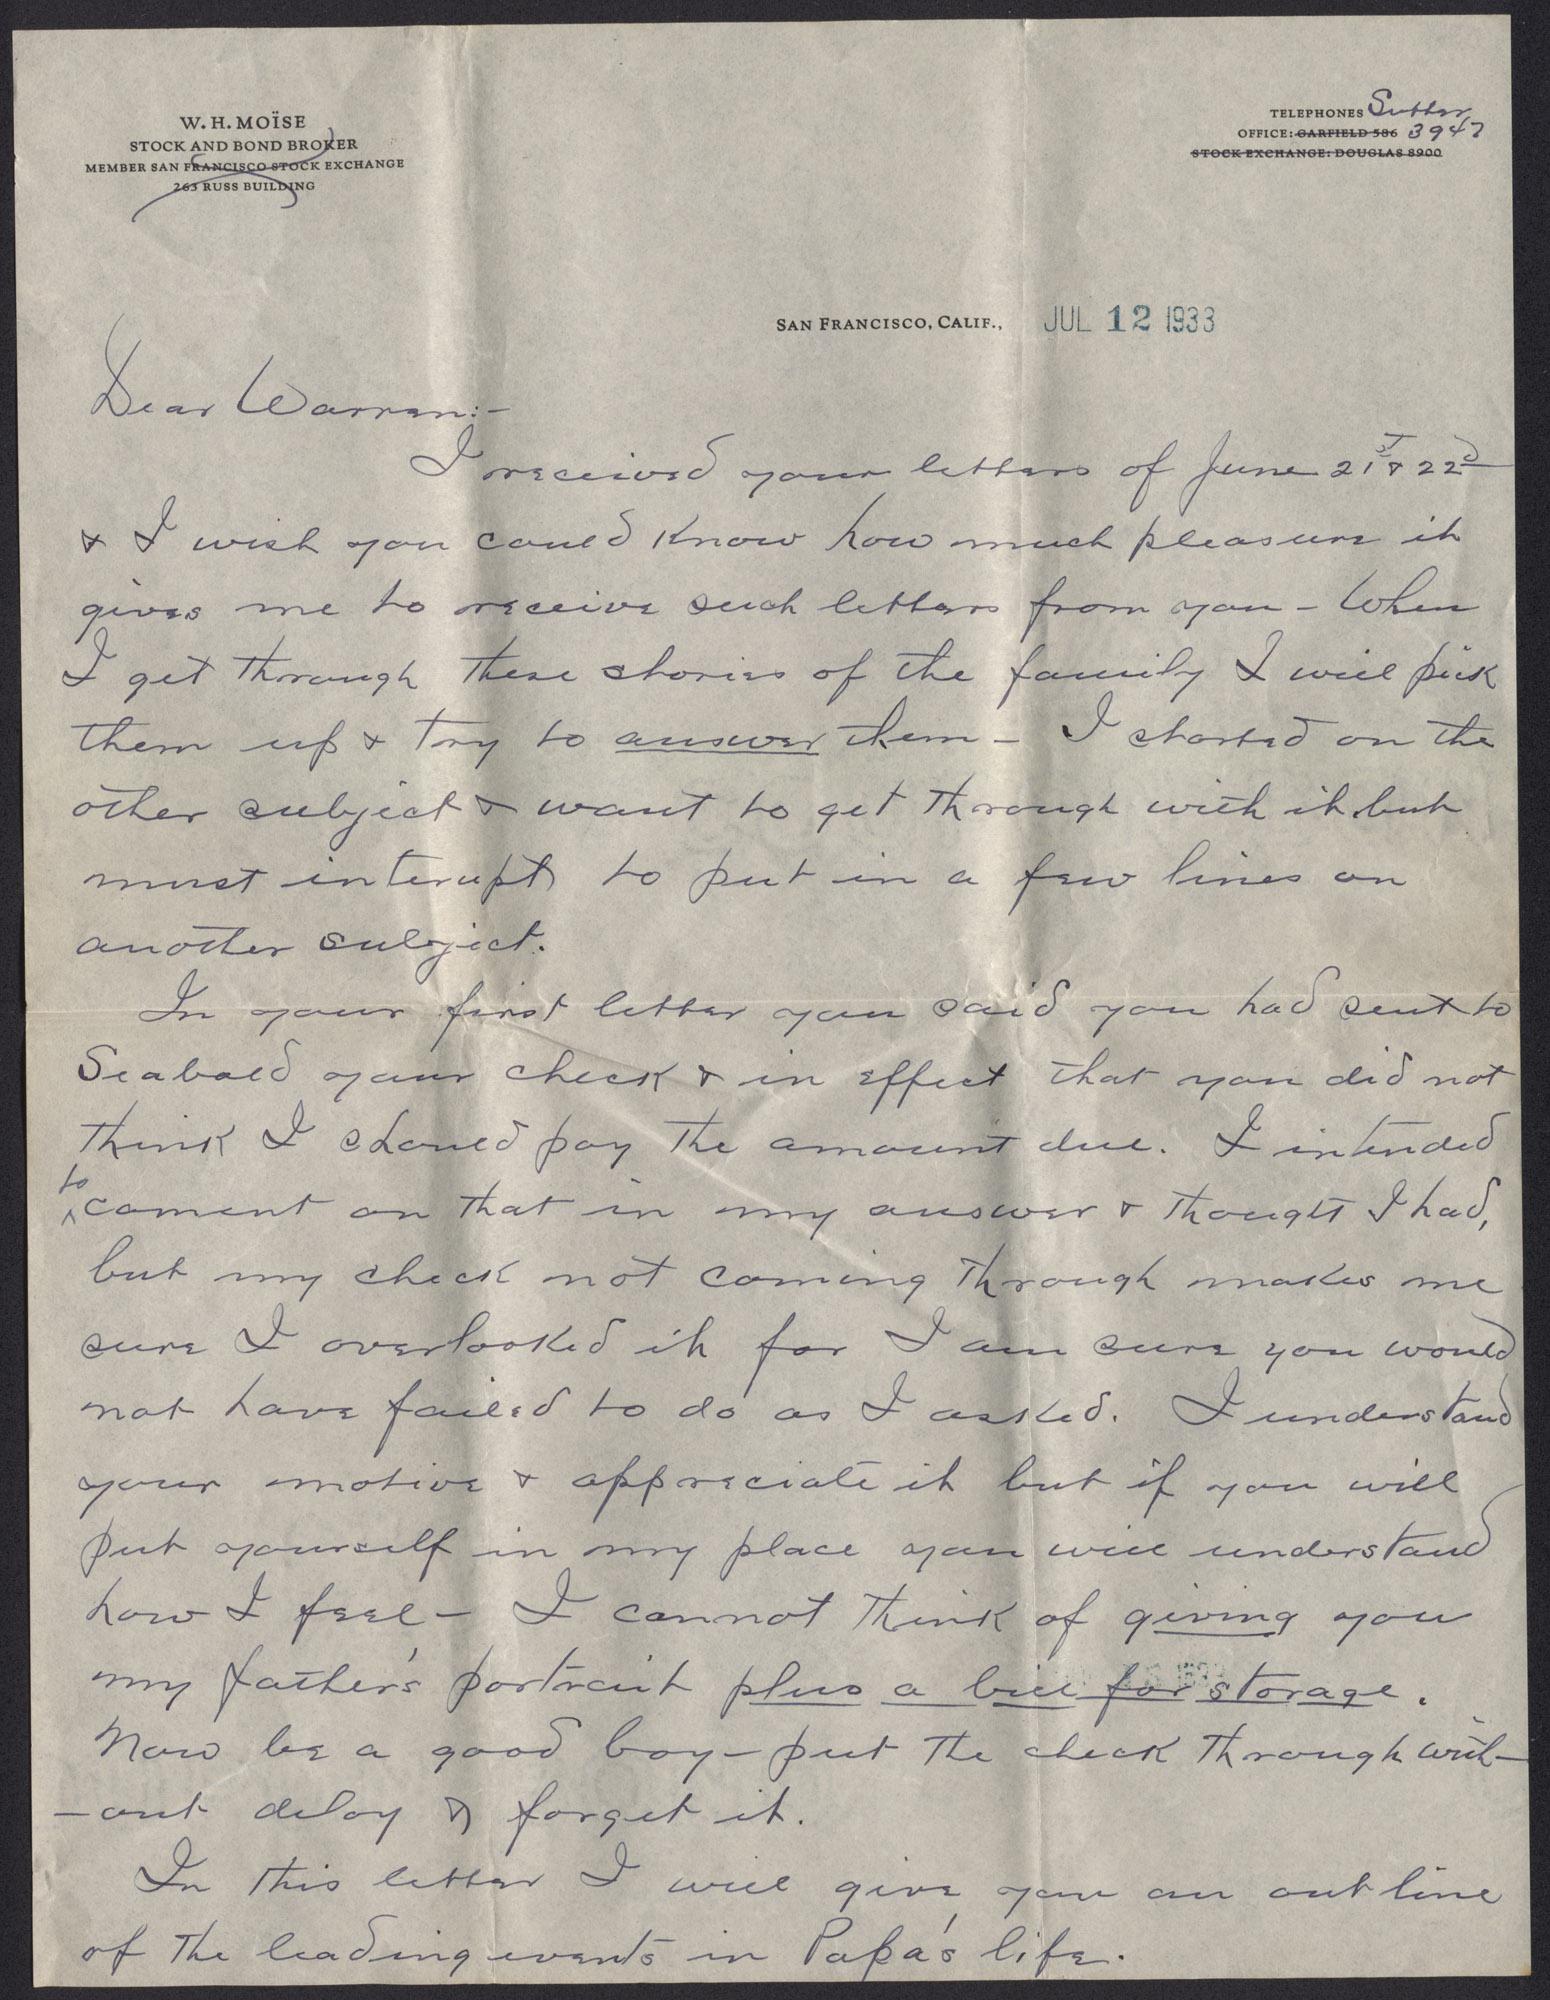 Letter from Warren Hubert Moise to Edwin Warren Moise, July 12, 1933